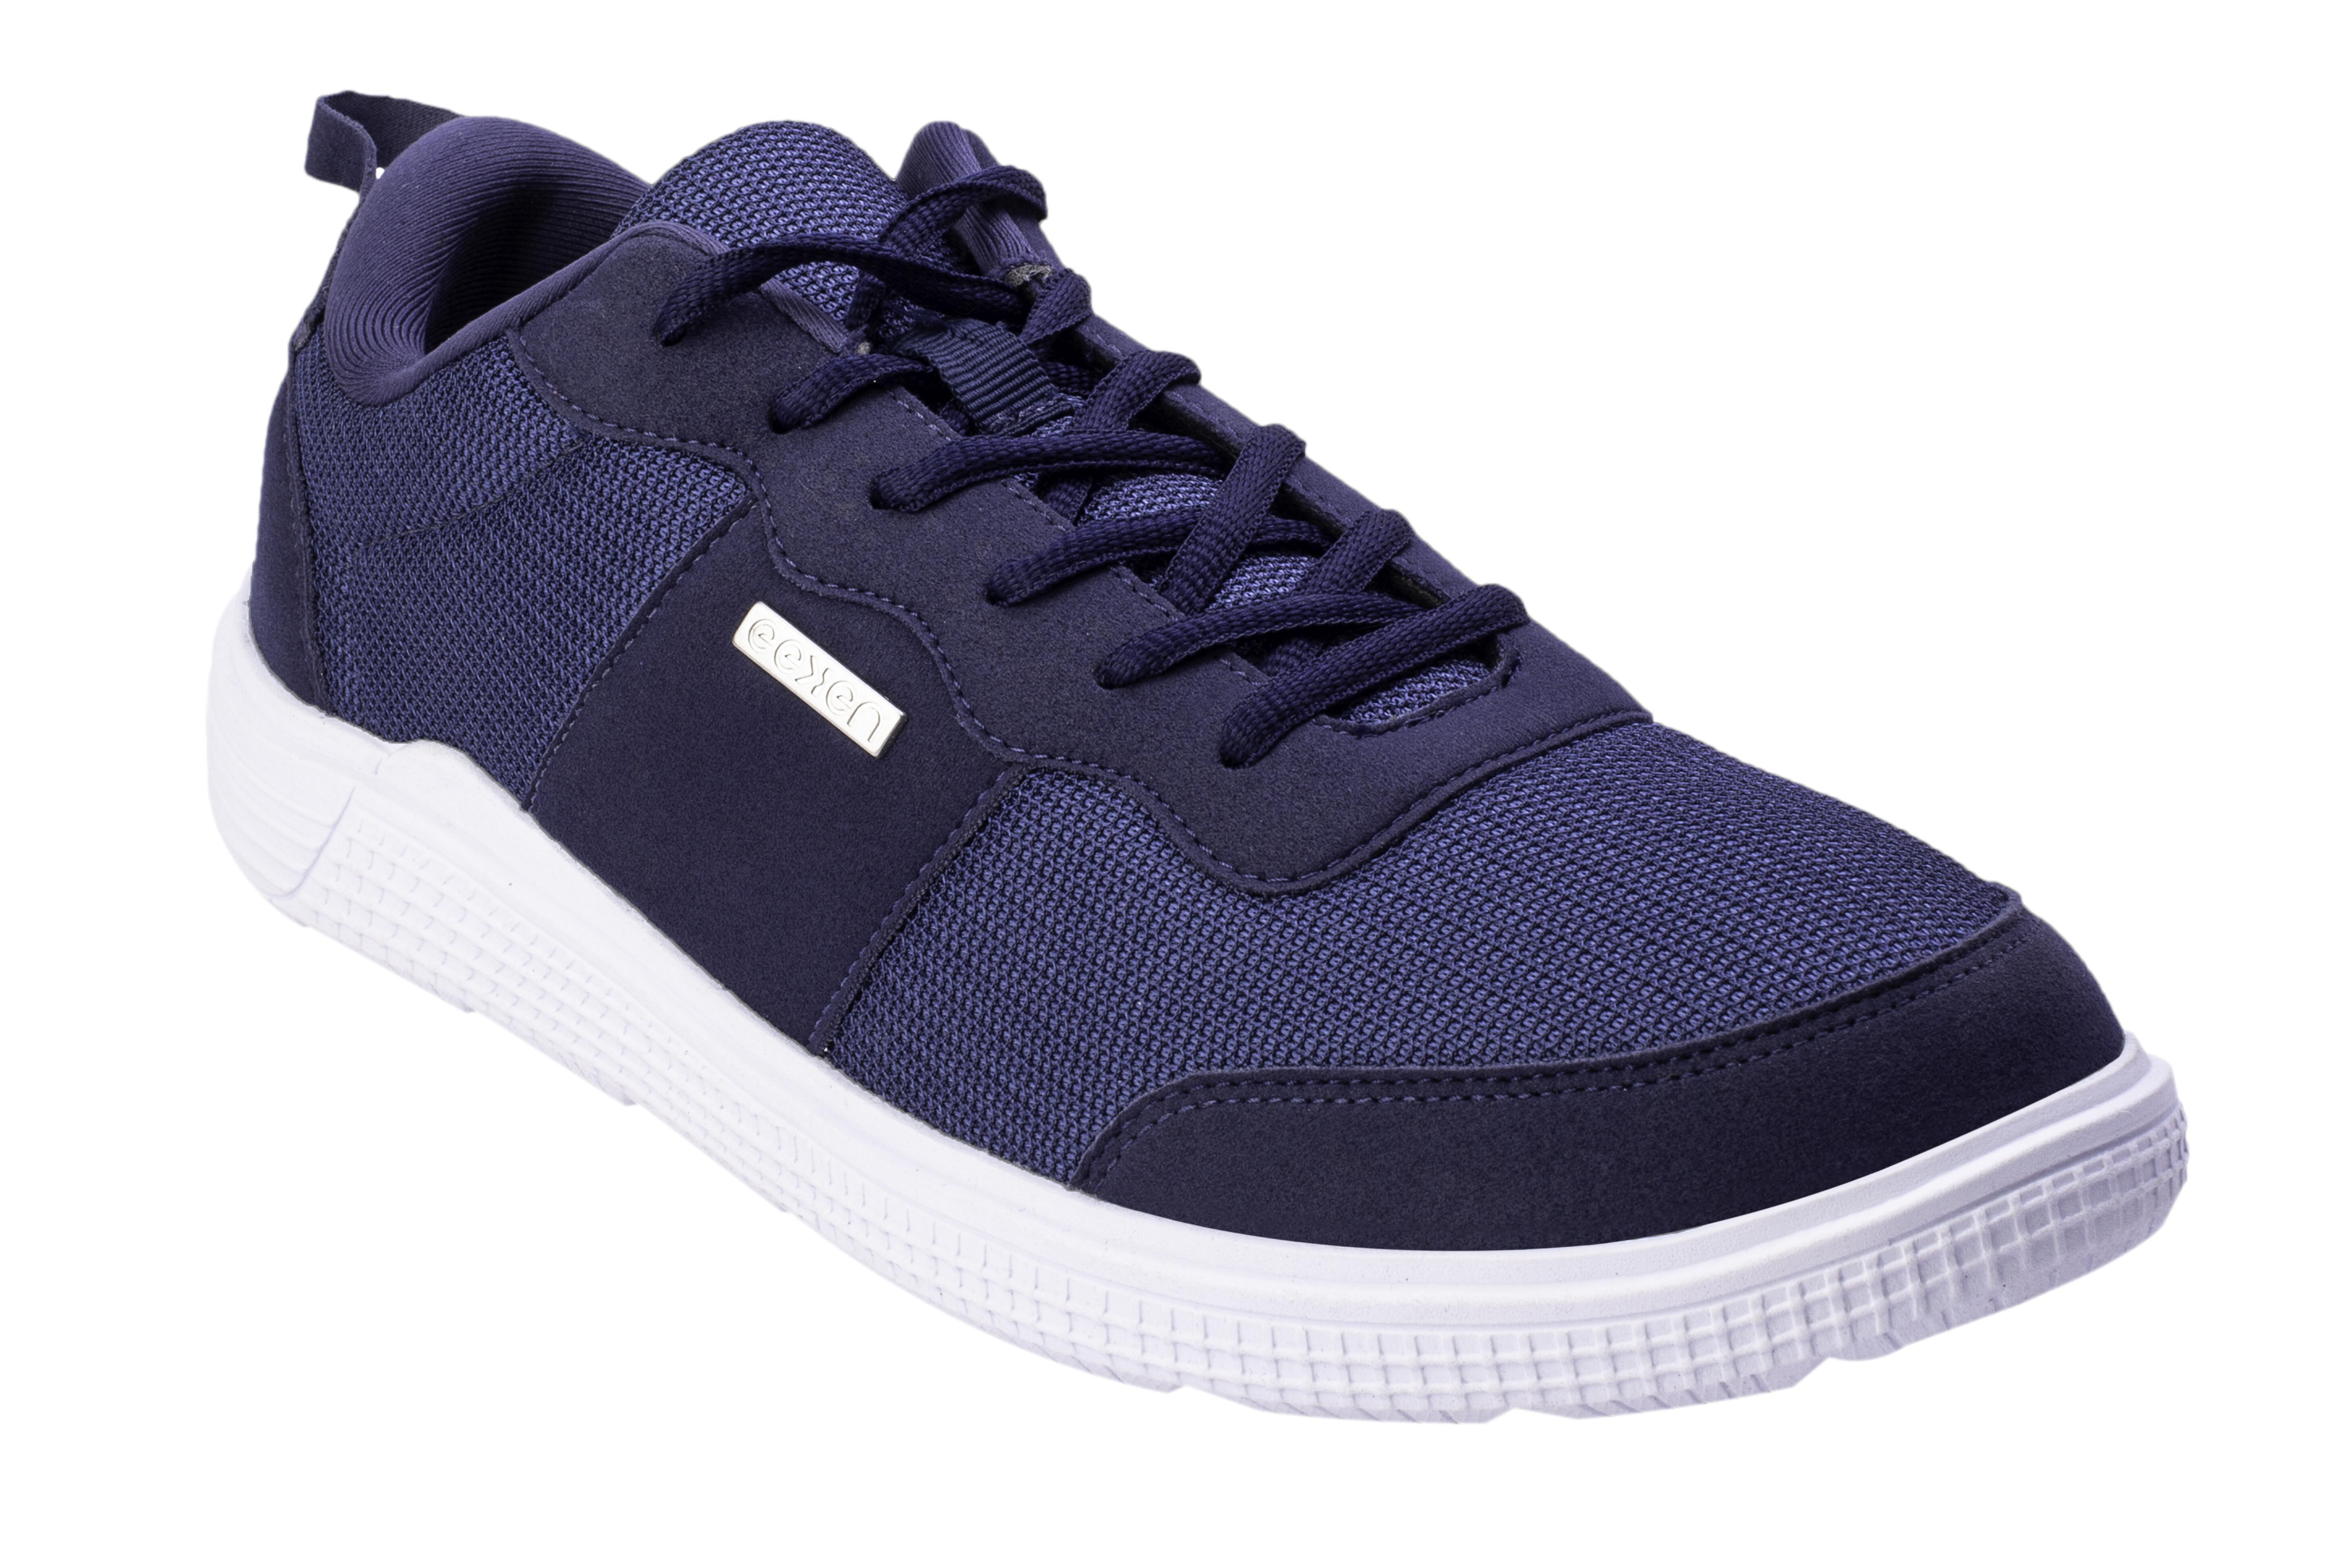 EEKEN | EEKEN NAVY Athleisure Lightweight Casual Shoes for Men